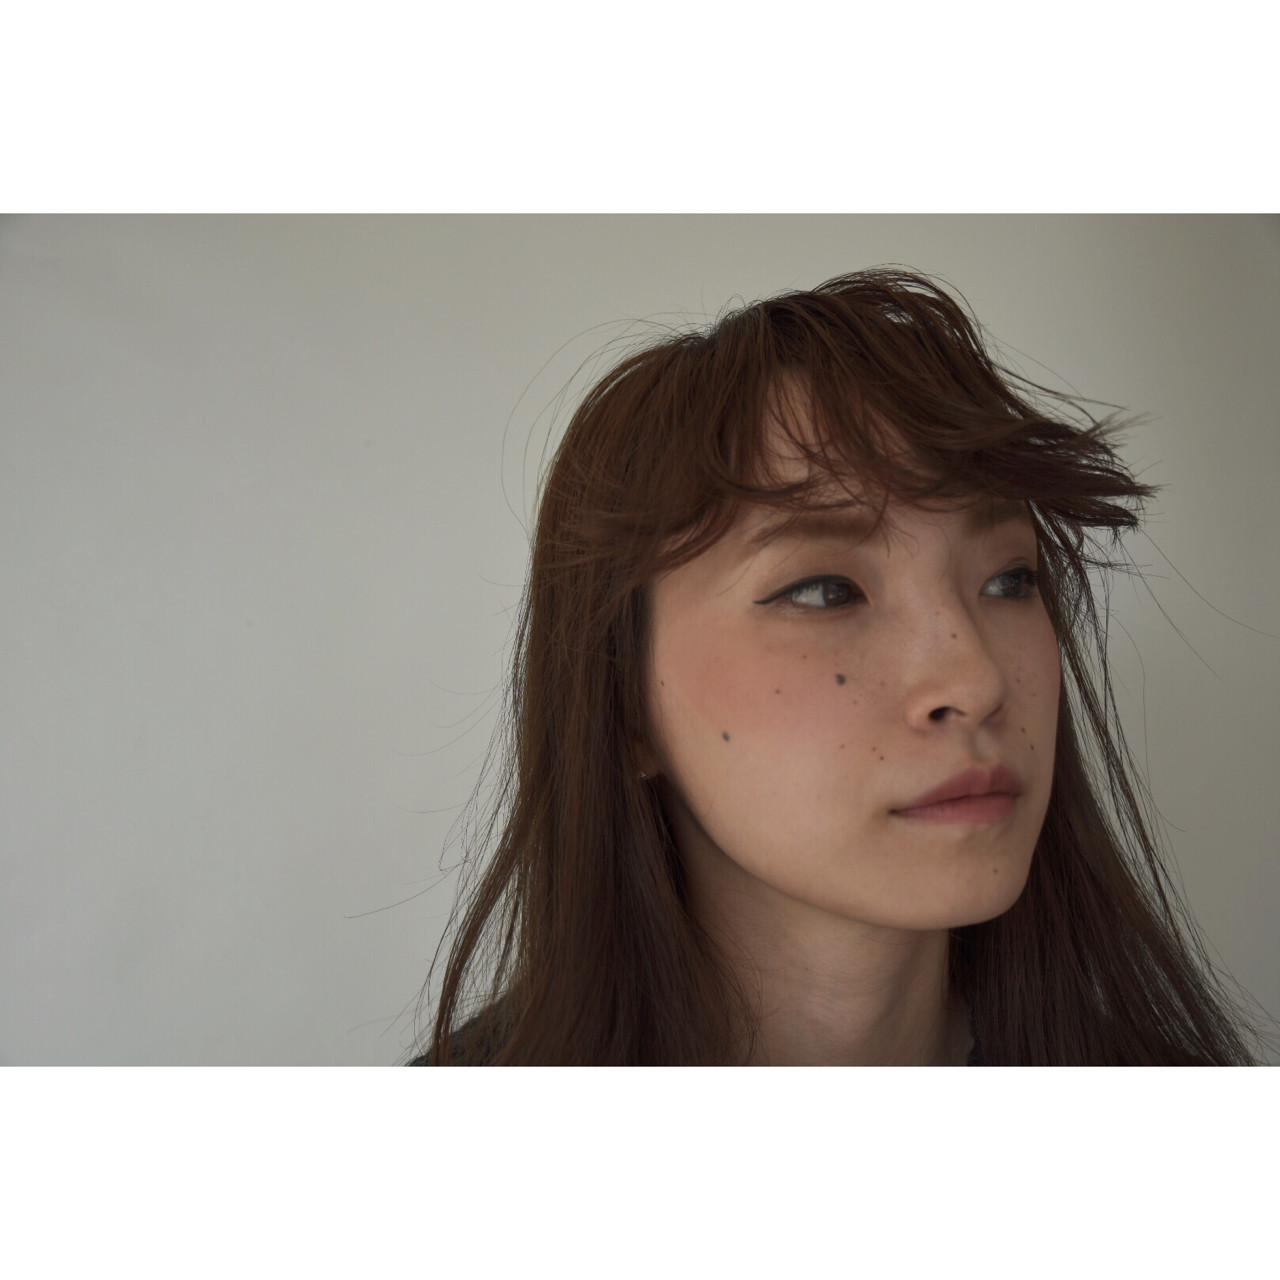 アッシュ 黒髪 パーマ セミロングヘアスタイルや髪型の写真・画像